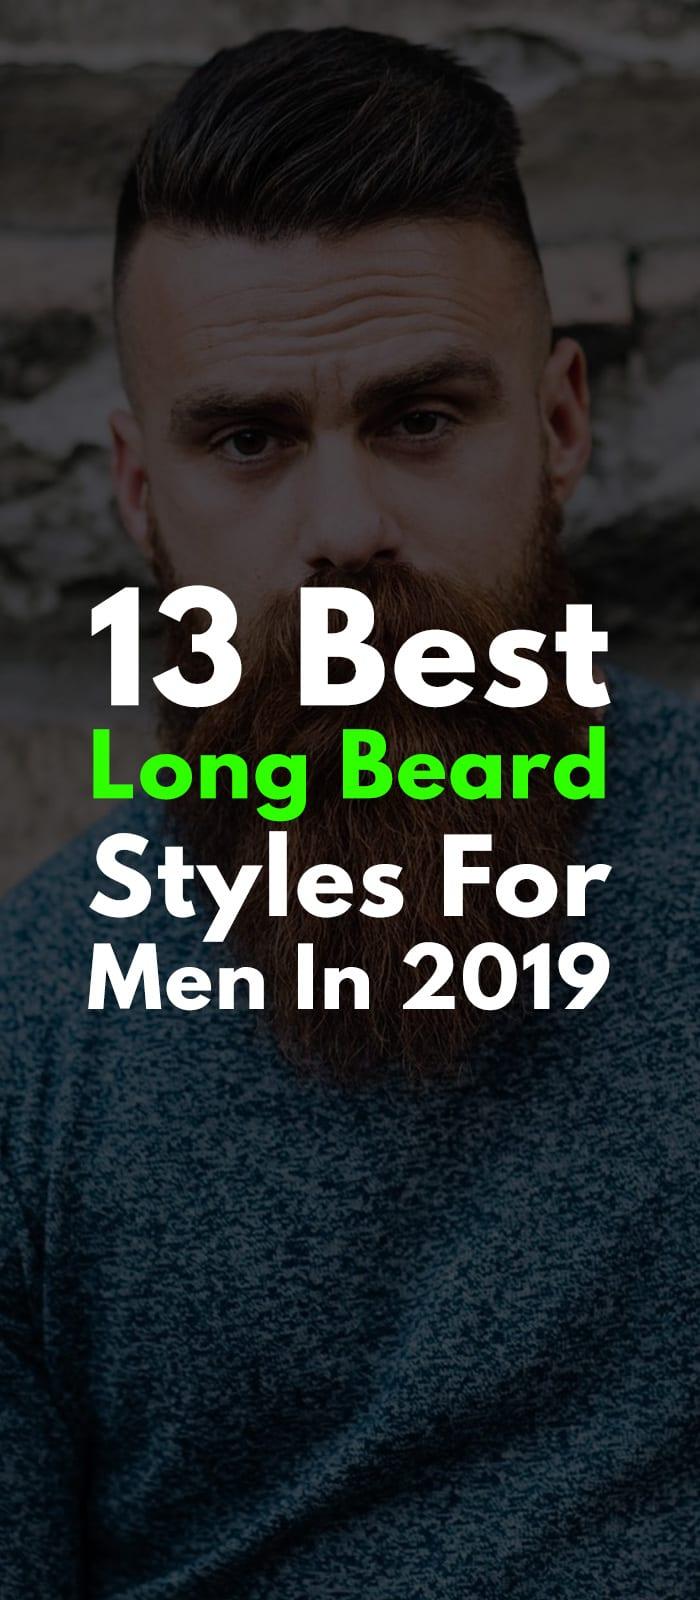 13 Best Long Beard Styles For Men In 2019